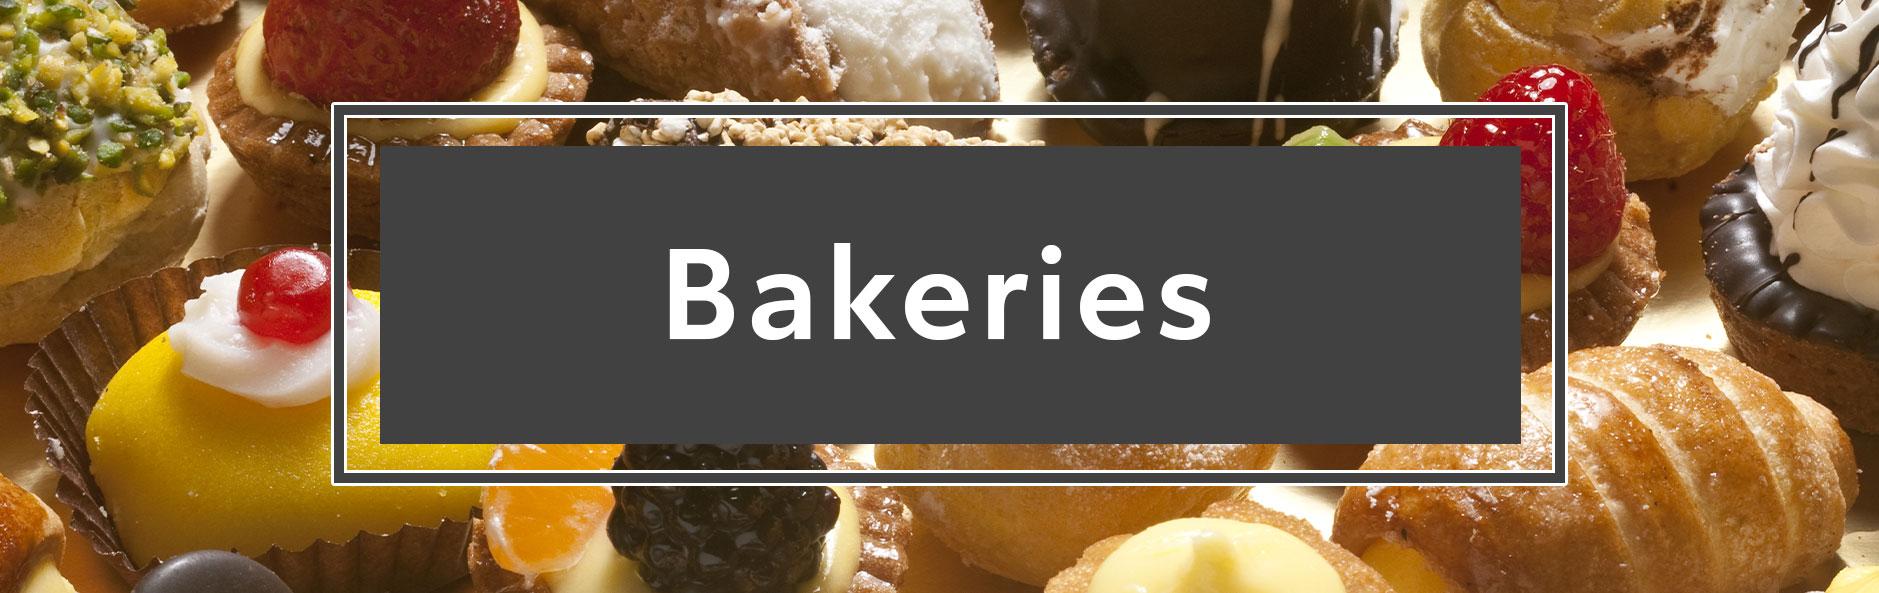 Bakeries near Toyota of Poway